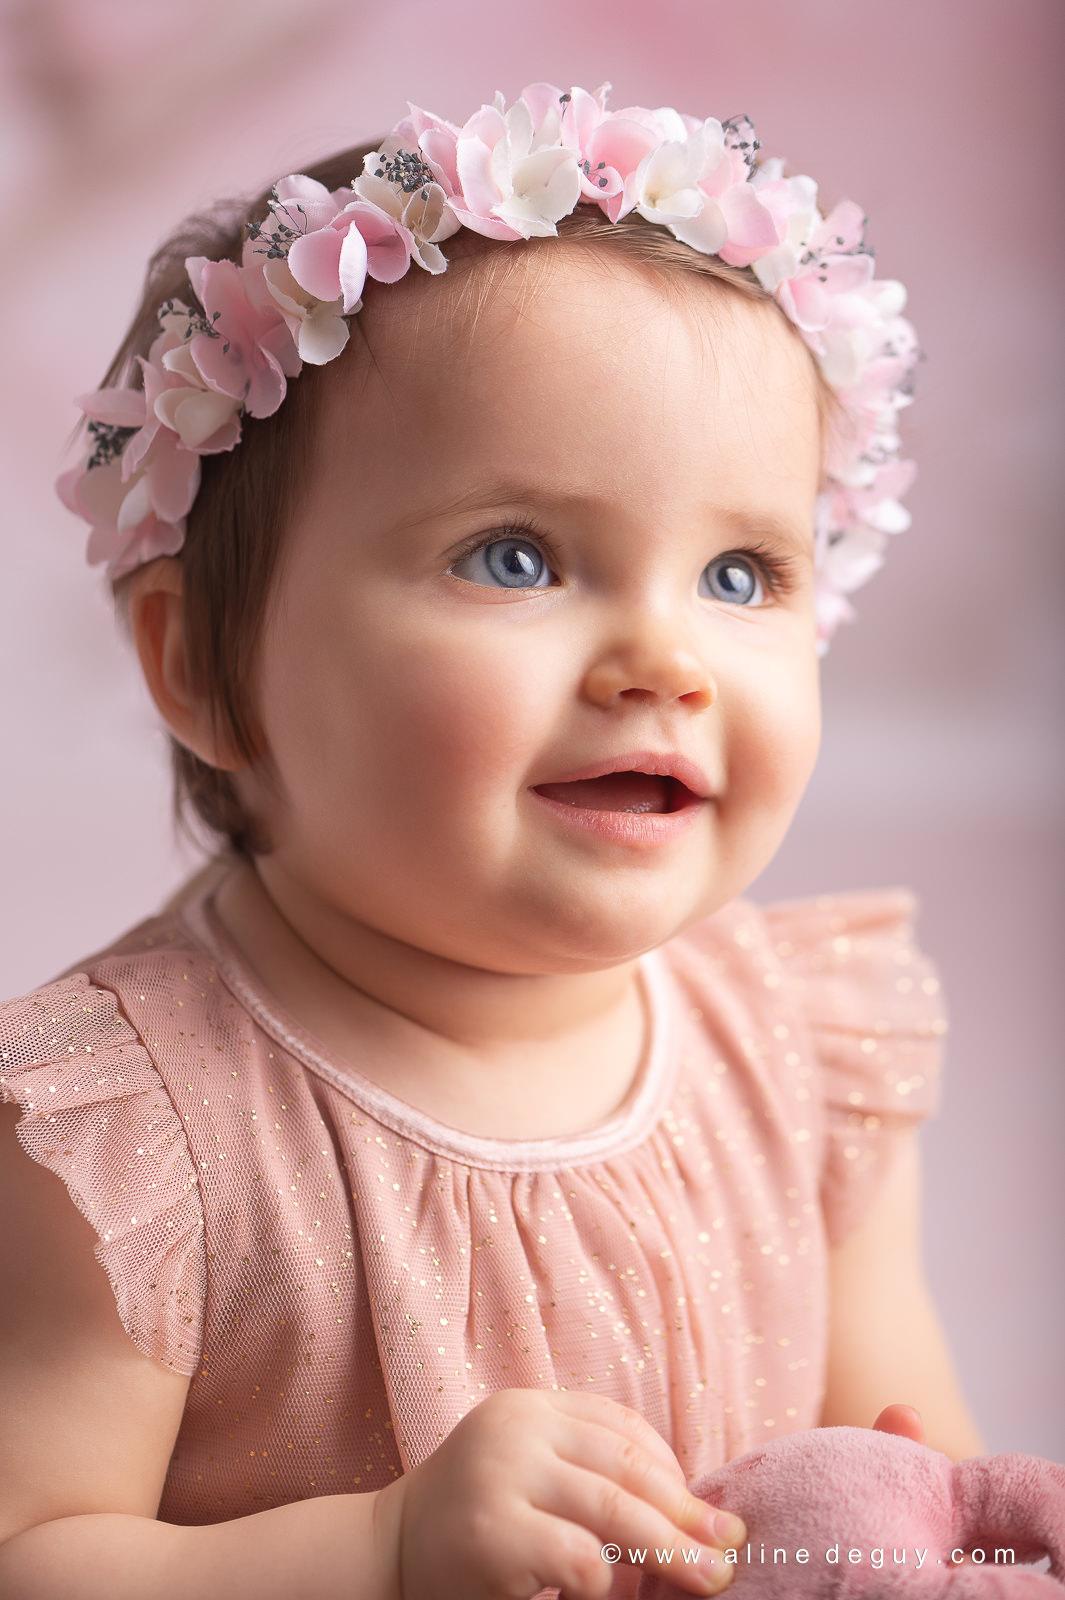 Photographe bébé suresnes, Aline Deguy, séance photo studio suresnes, studio photo bébé